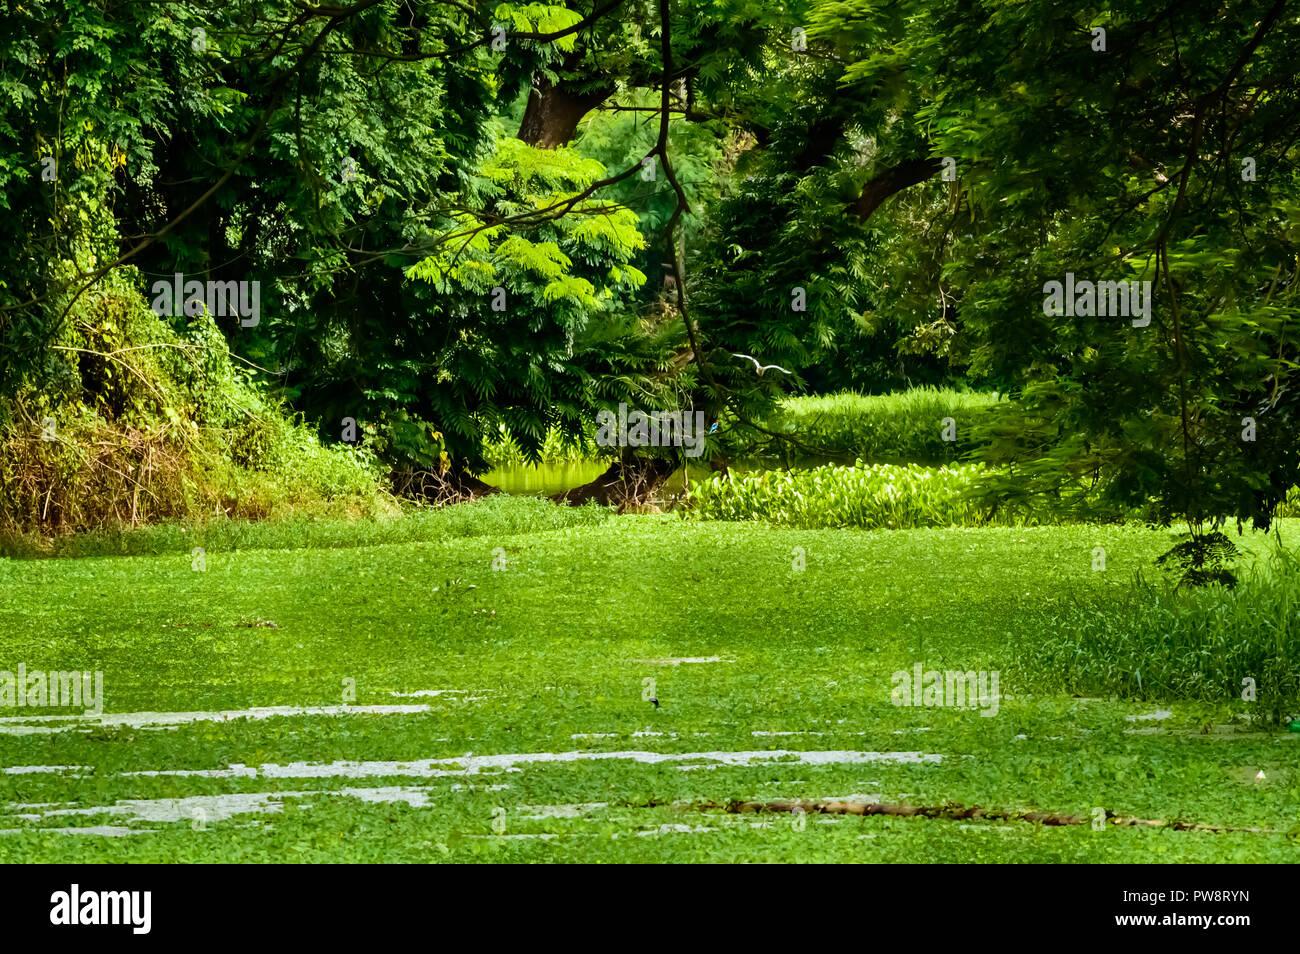 Vorgartengestaltung Stockfotos Vorgartengestaltung Bilder Alamy